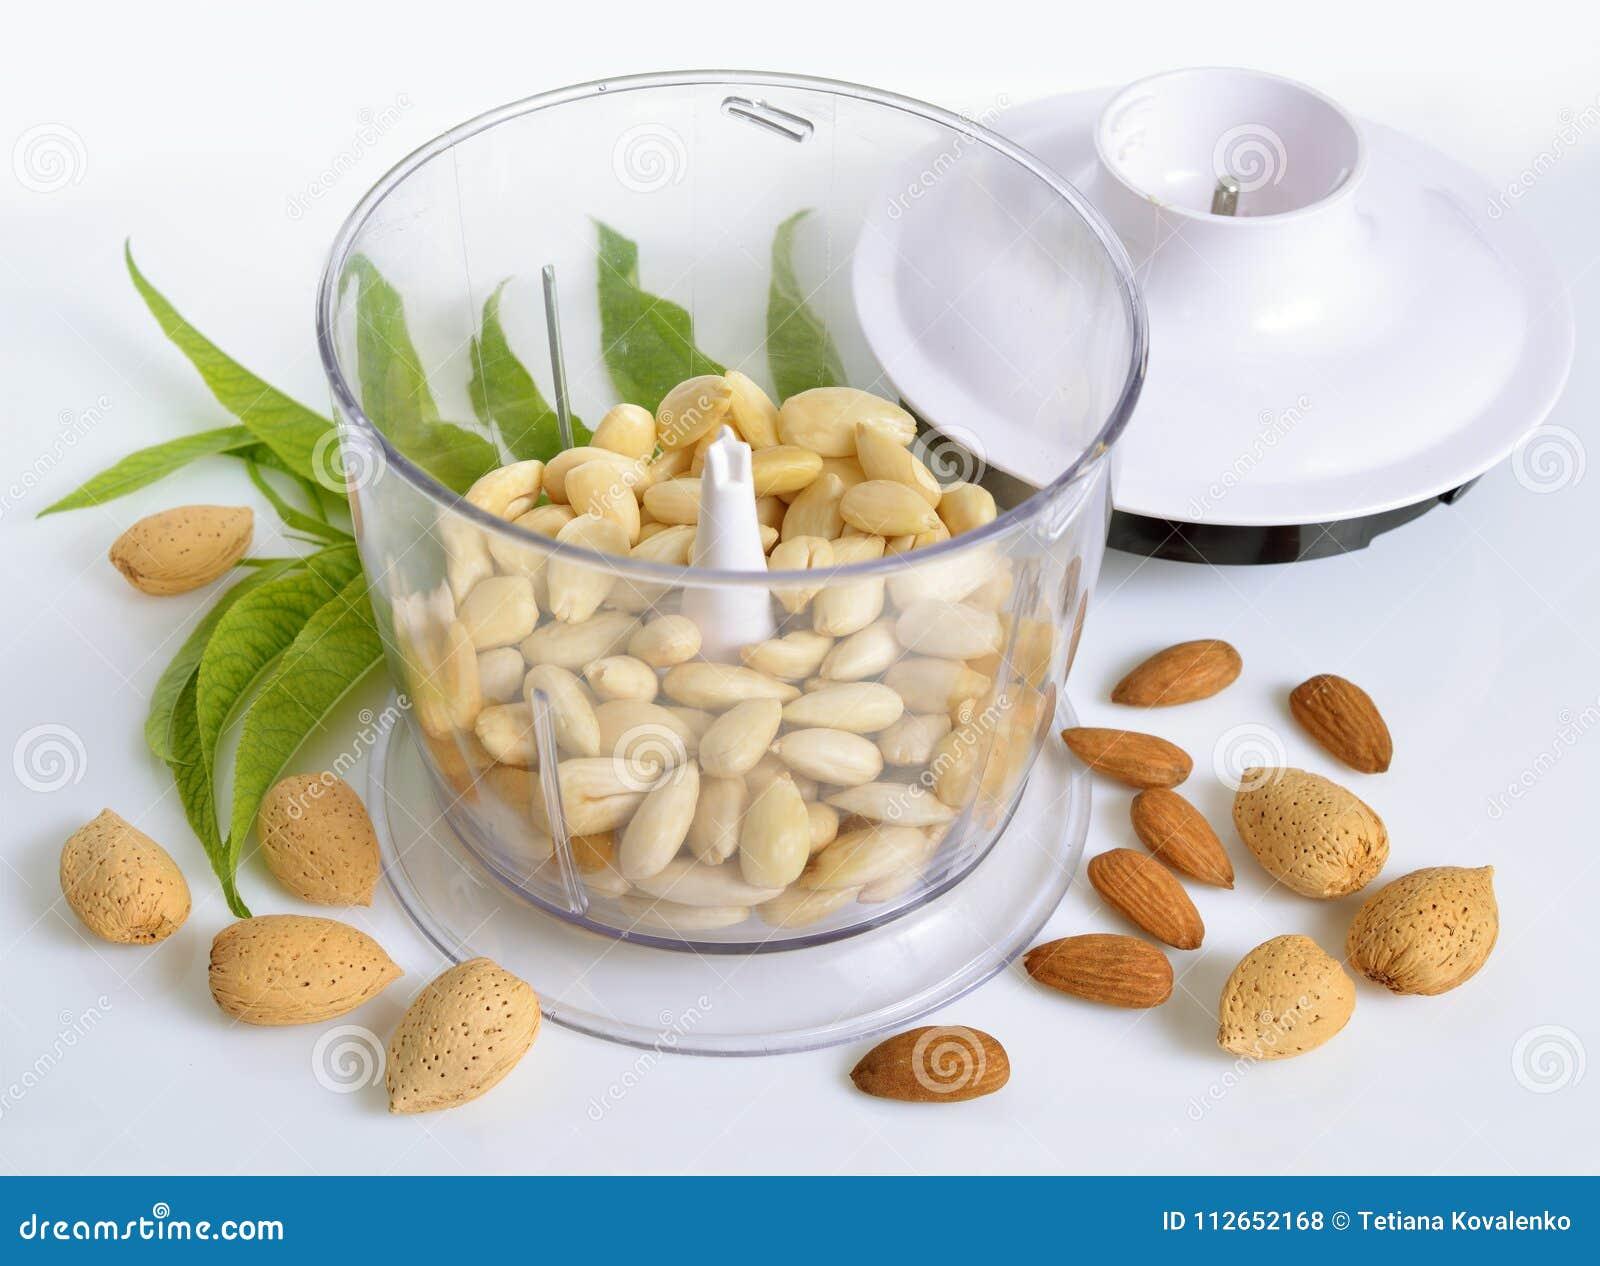 Geblichene Mandeln in einer Mischmaschine mit ungeschälten Nüssen Auf Weißrückseite